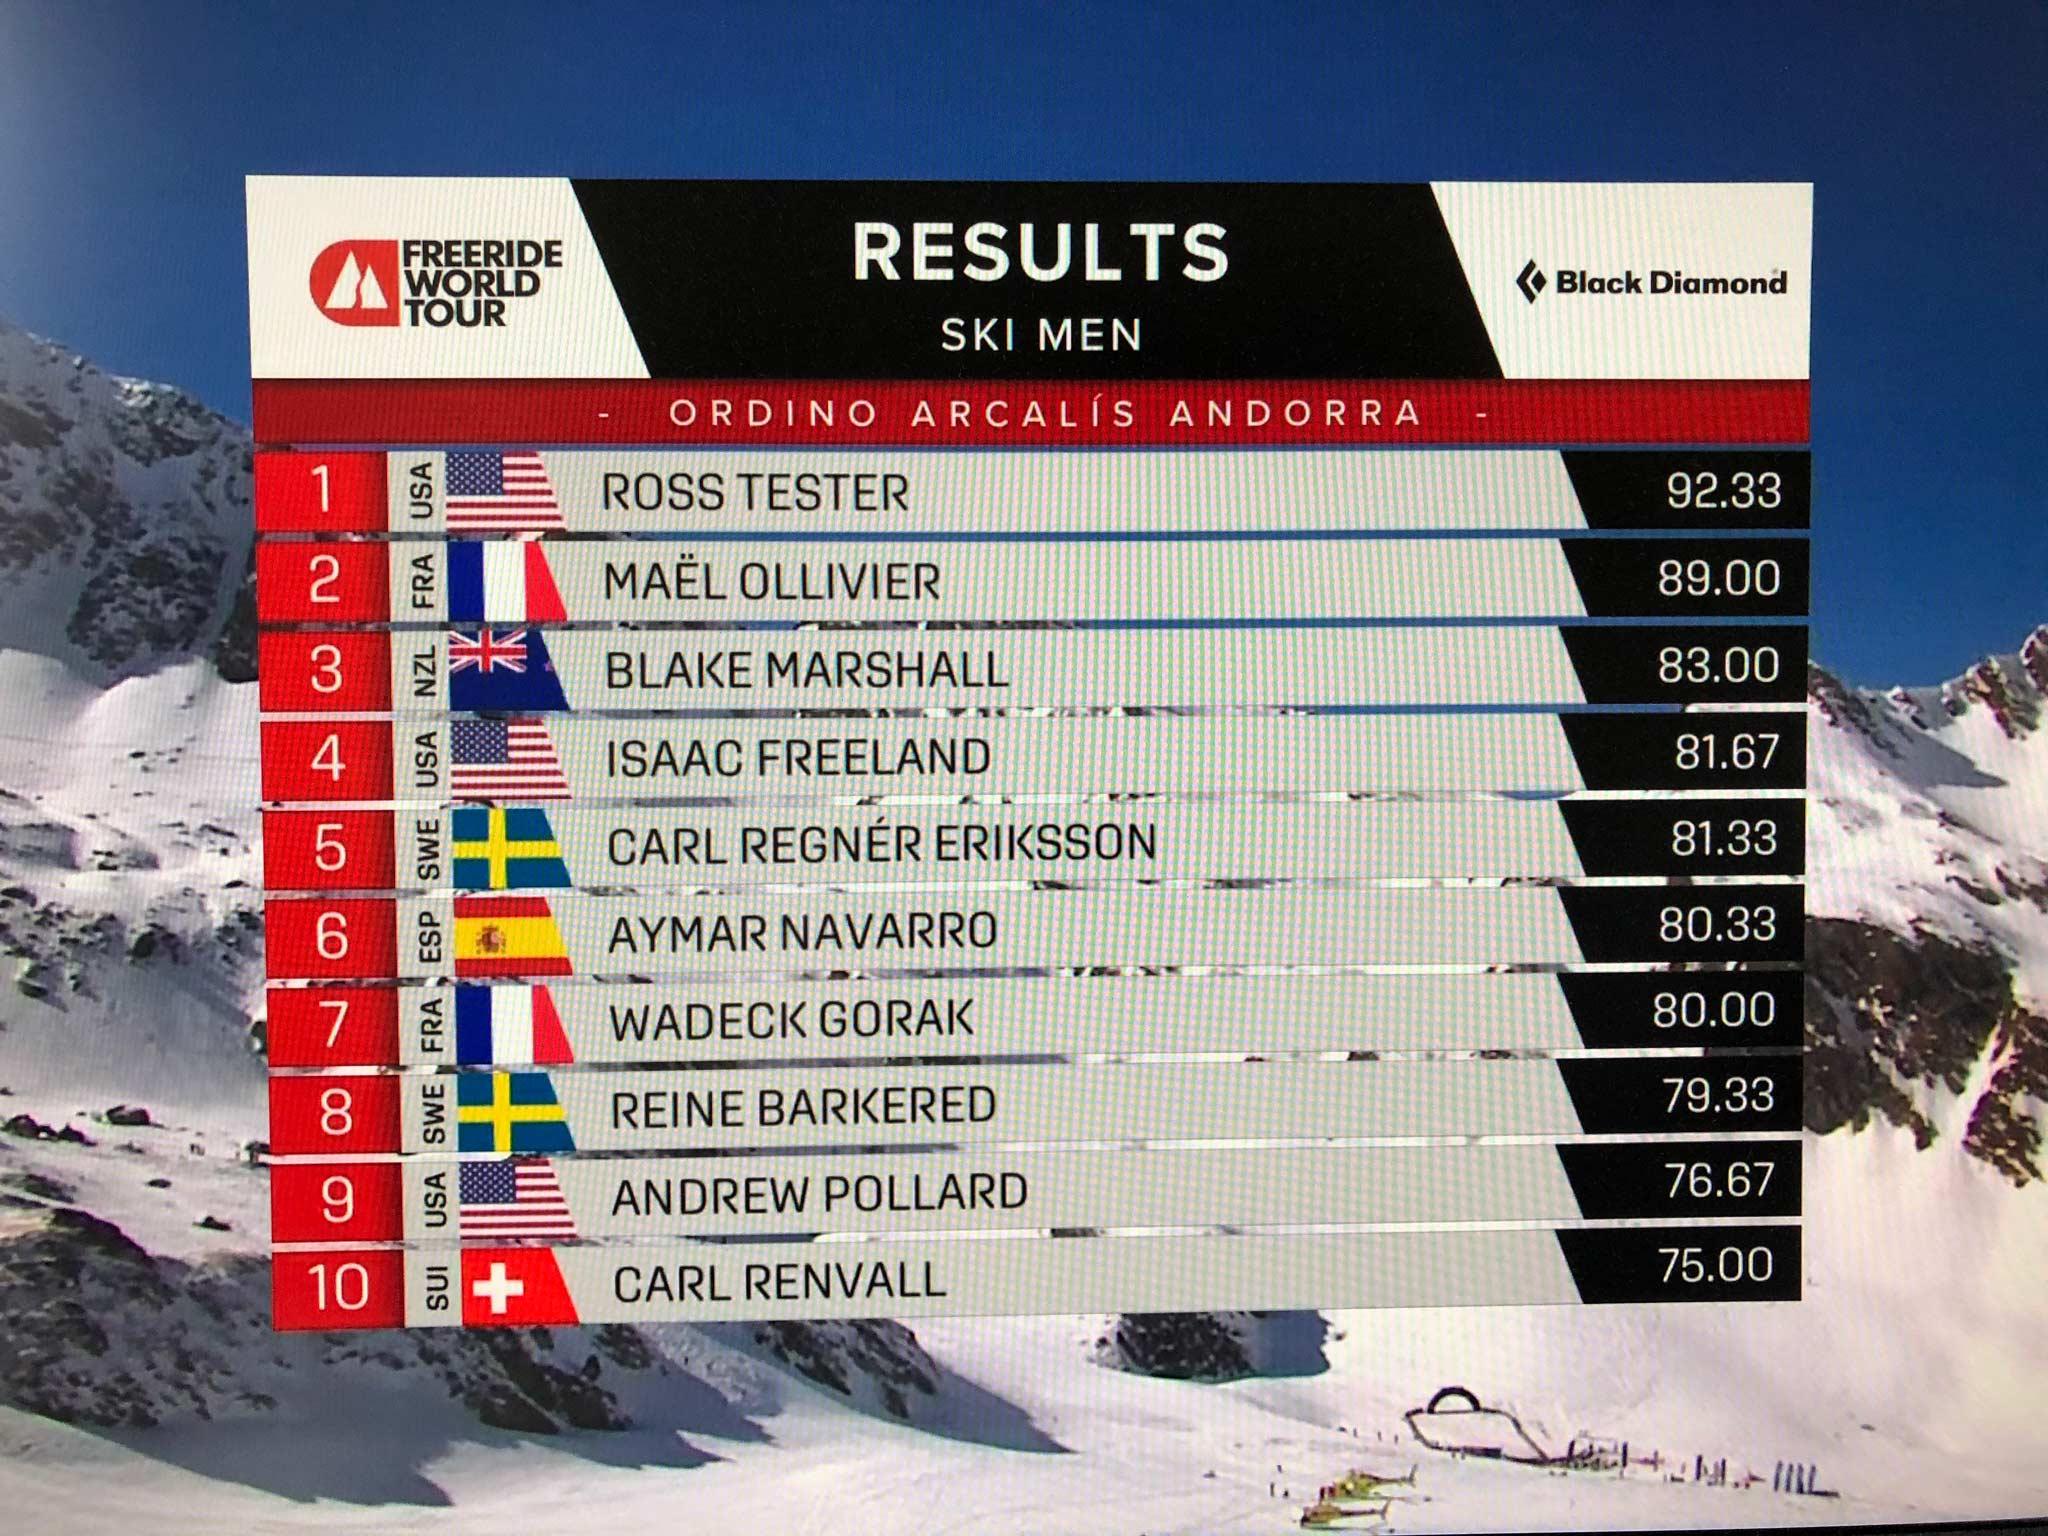 Das Ergebnis der Männer vom Freeride World Tour 2021 Contest in Andorra im Überblick 1/2.